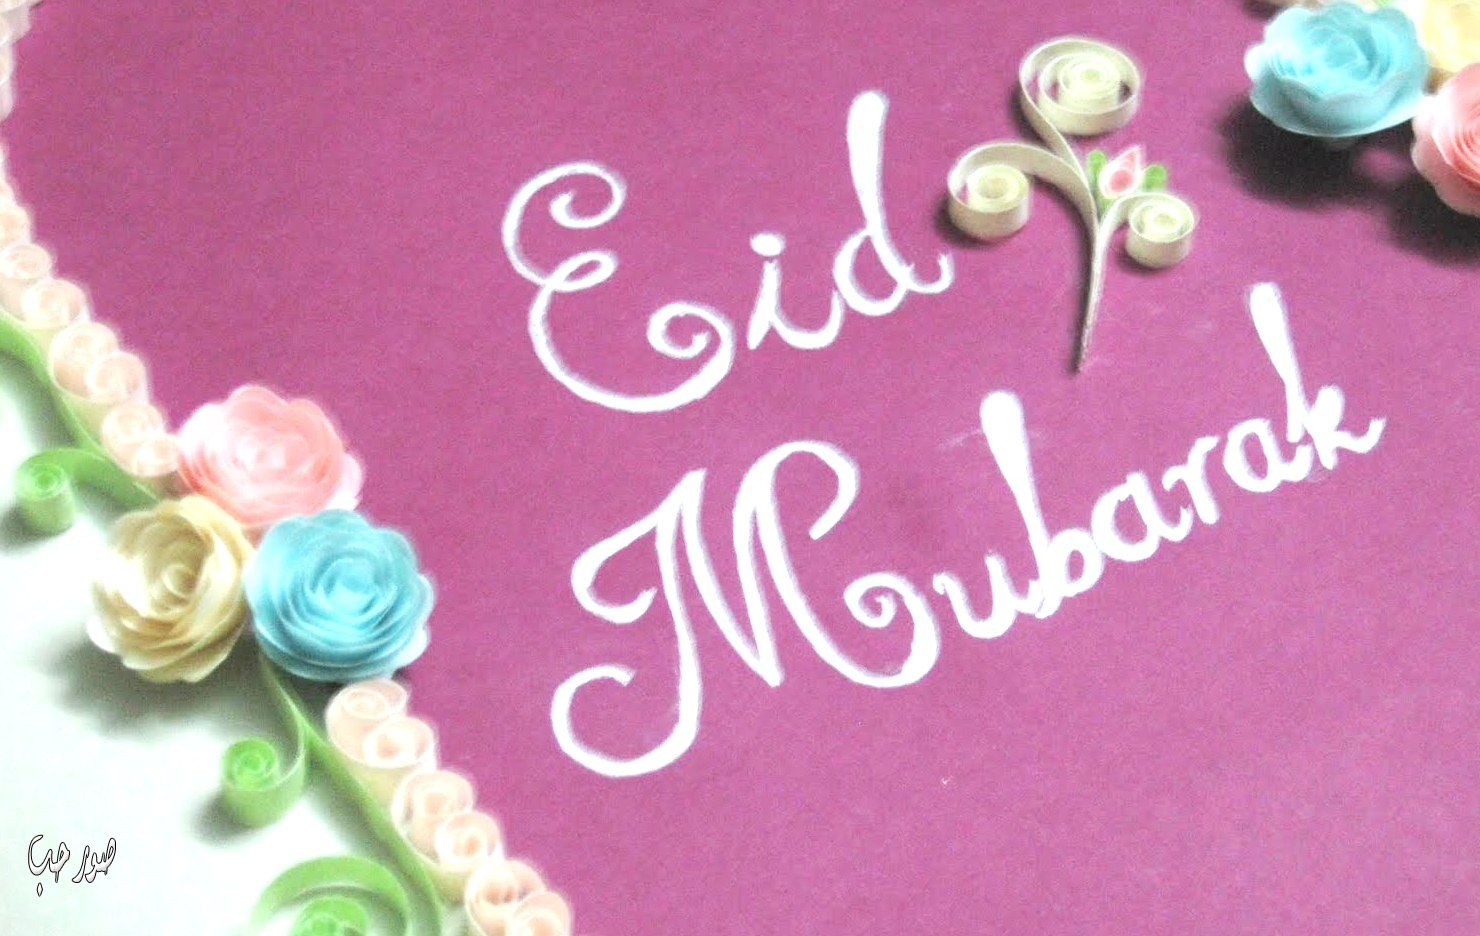 الجمعة.. أول أيام عيد الفطر في العديد من الدول العربية